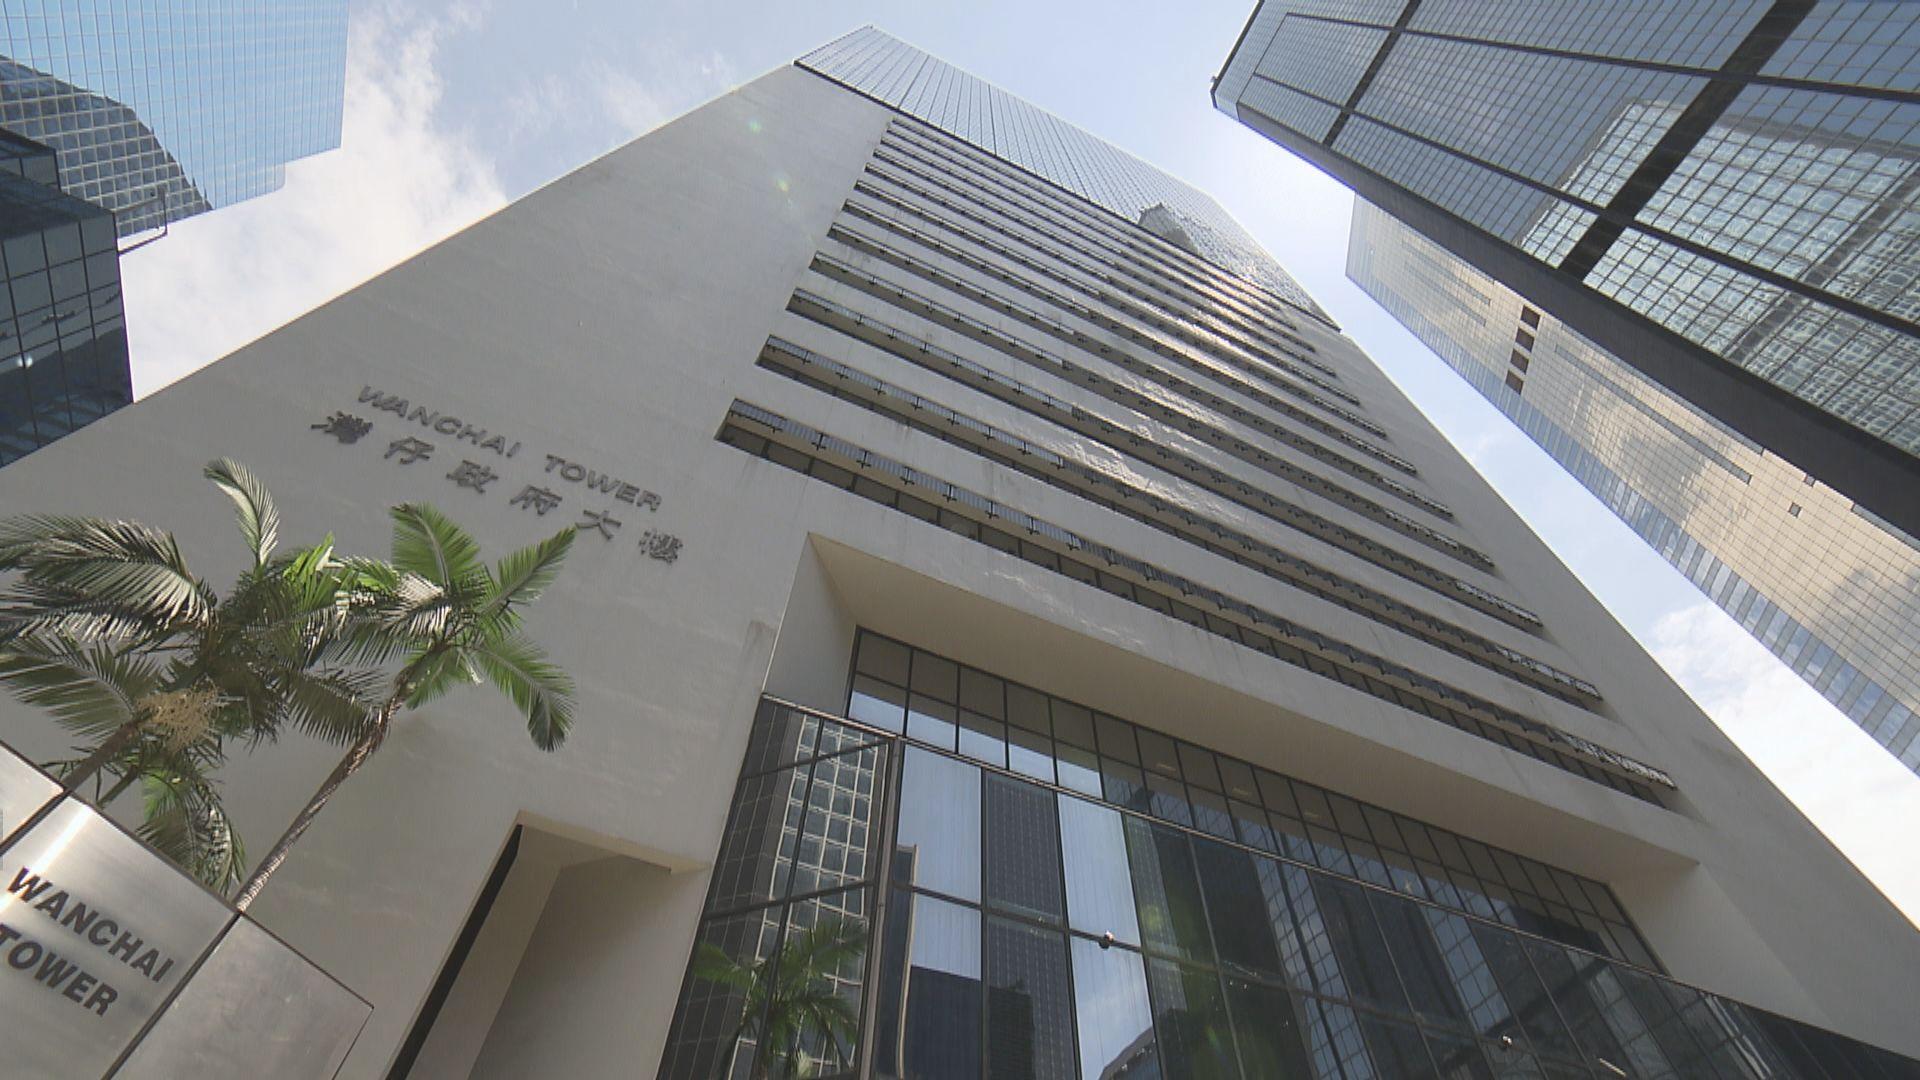 一電訊公司職員網上發布警員個人資料罪成 下月判刑